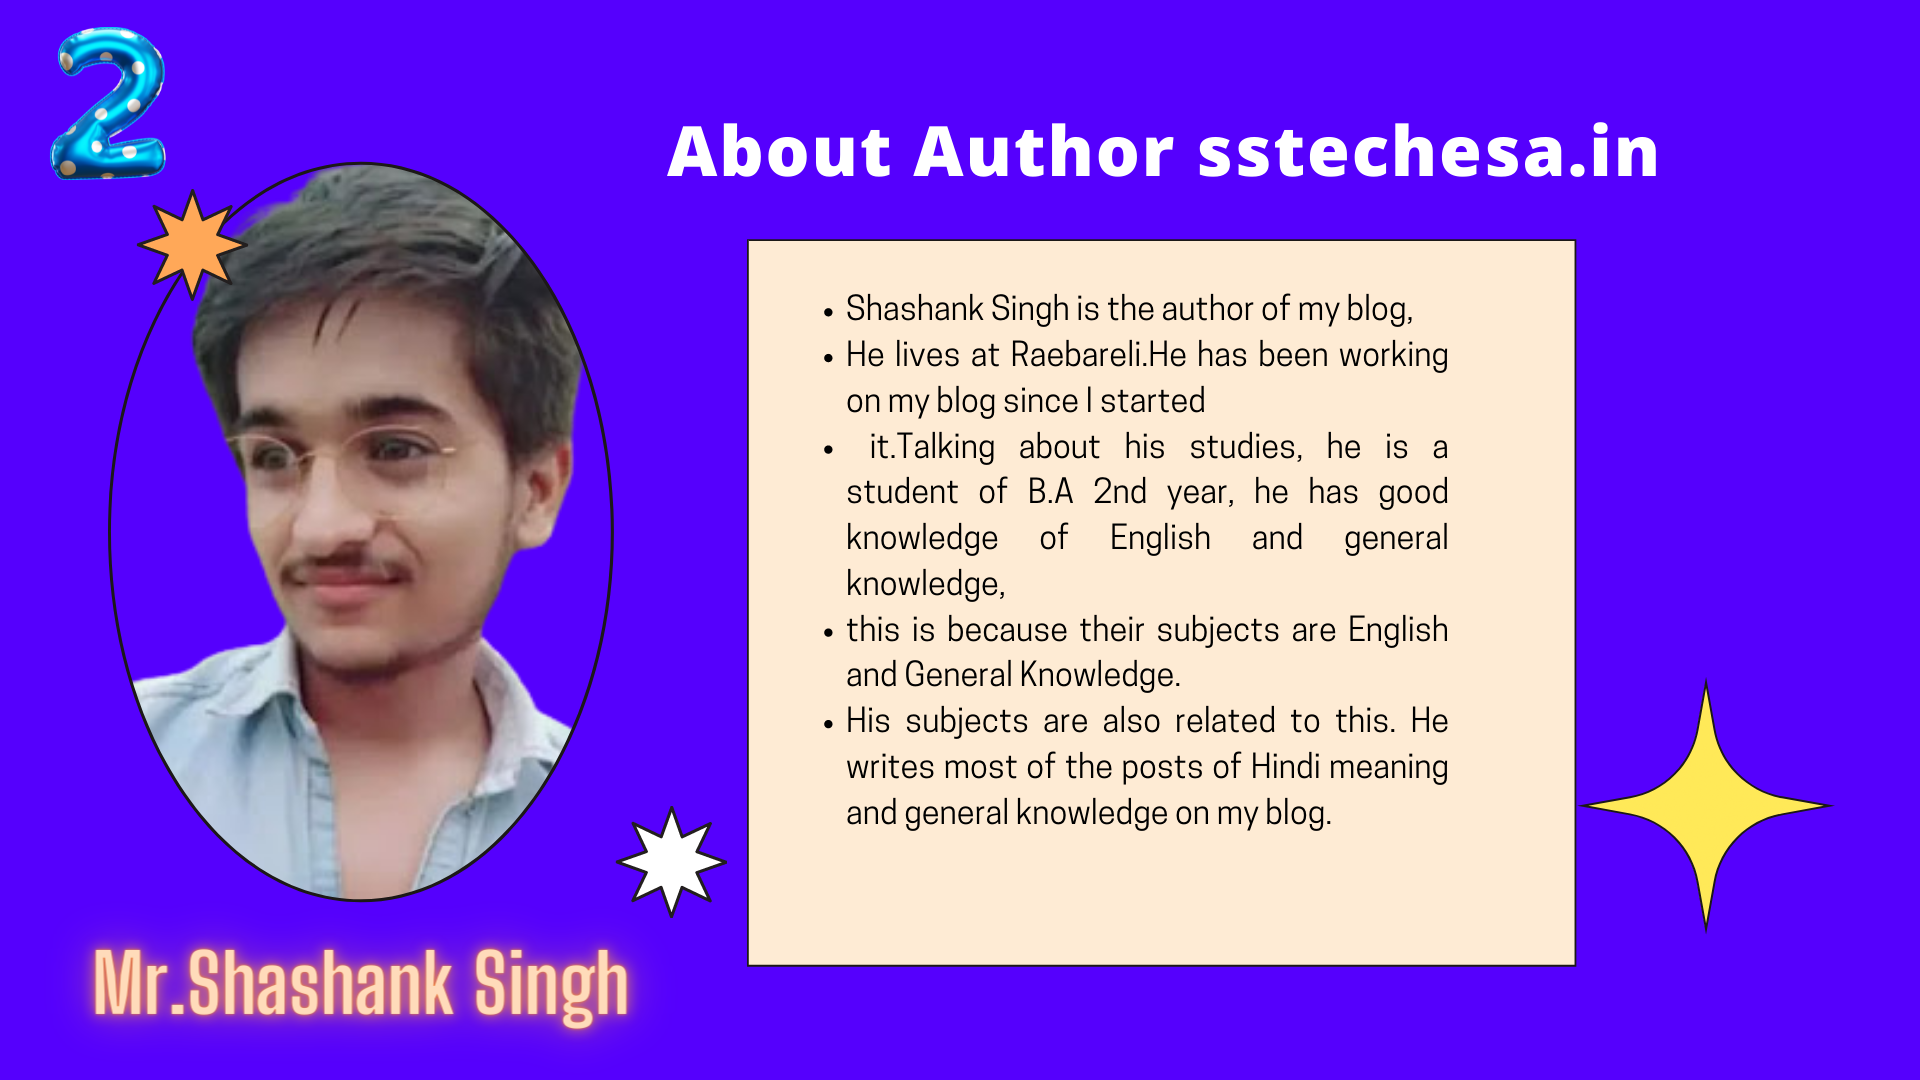 Mr. Shashank Singh